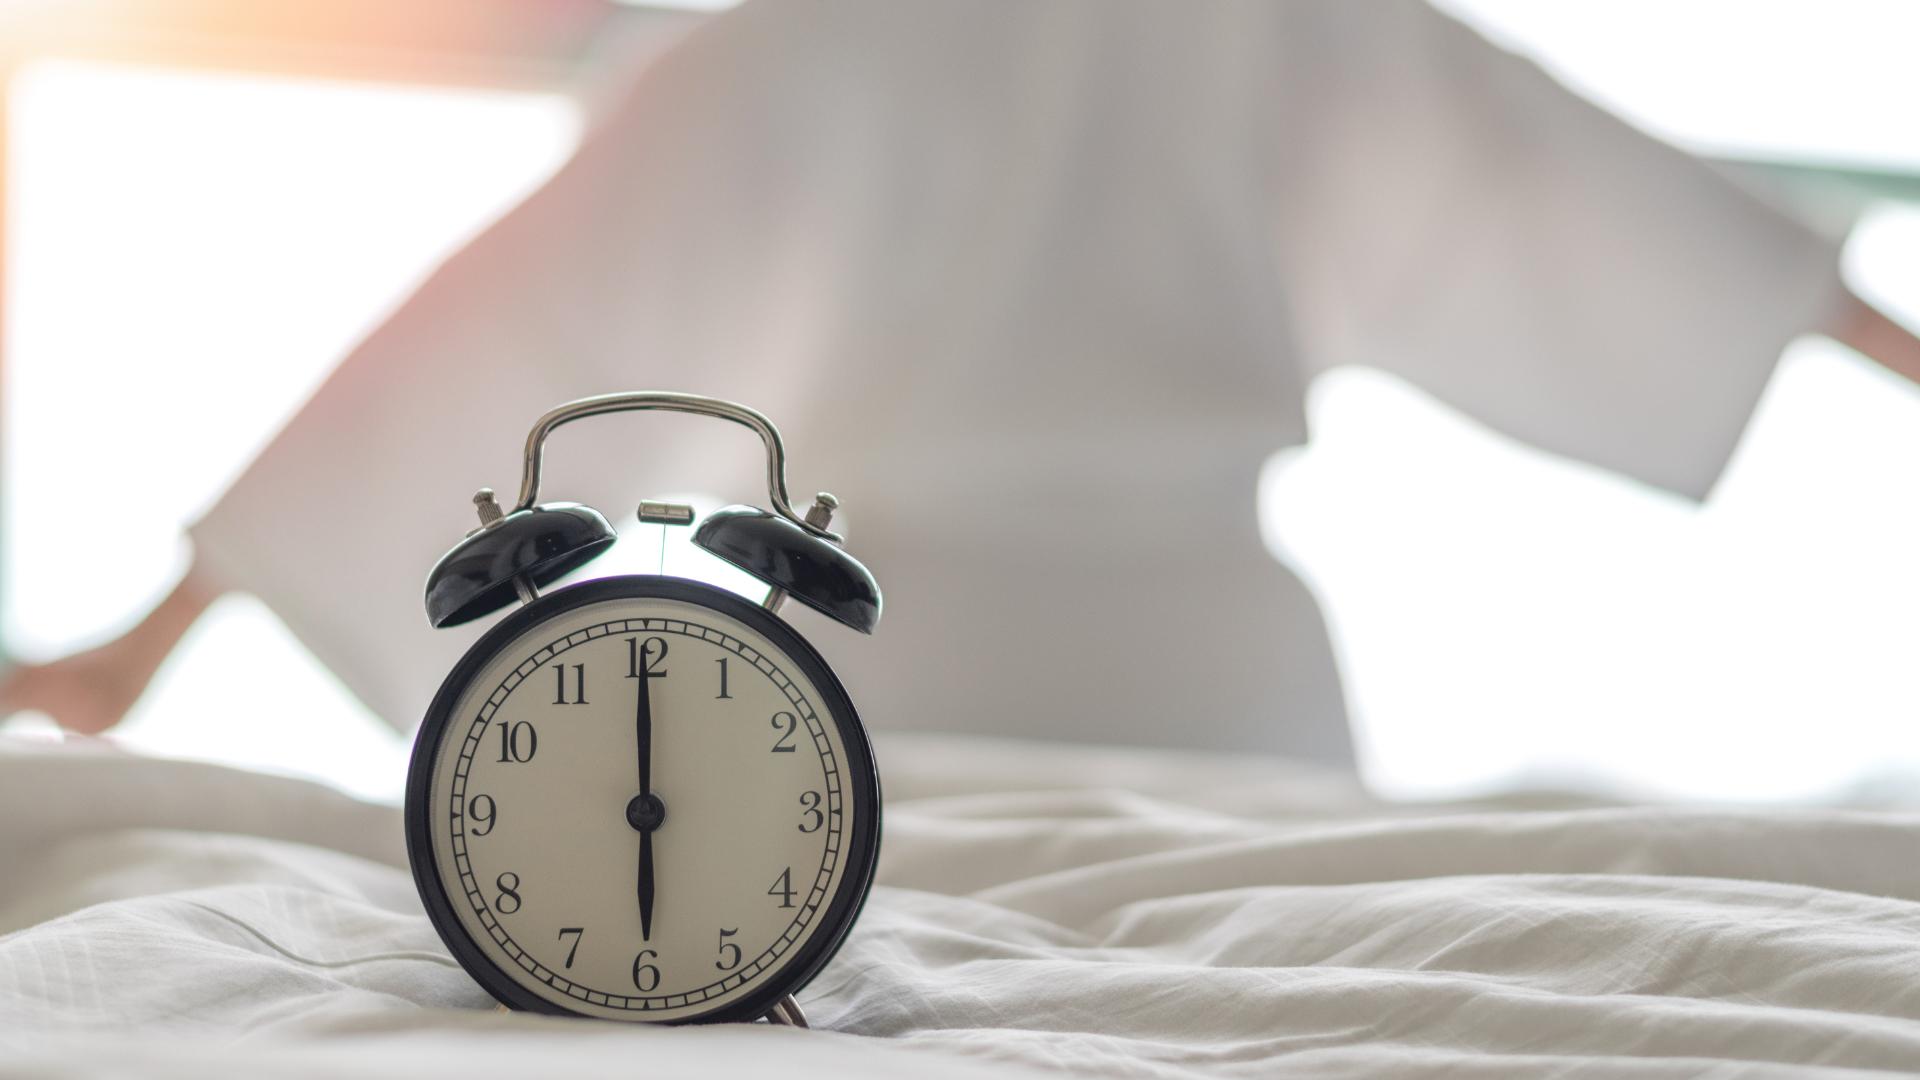 $1.8M NIH Grant Will Seek to Understand Circadian Sleep Problems in Neurological Diseases